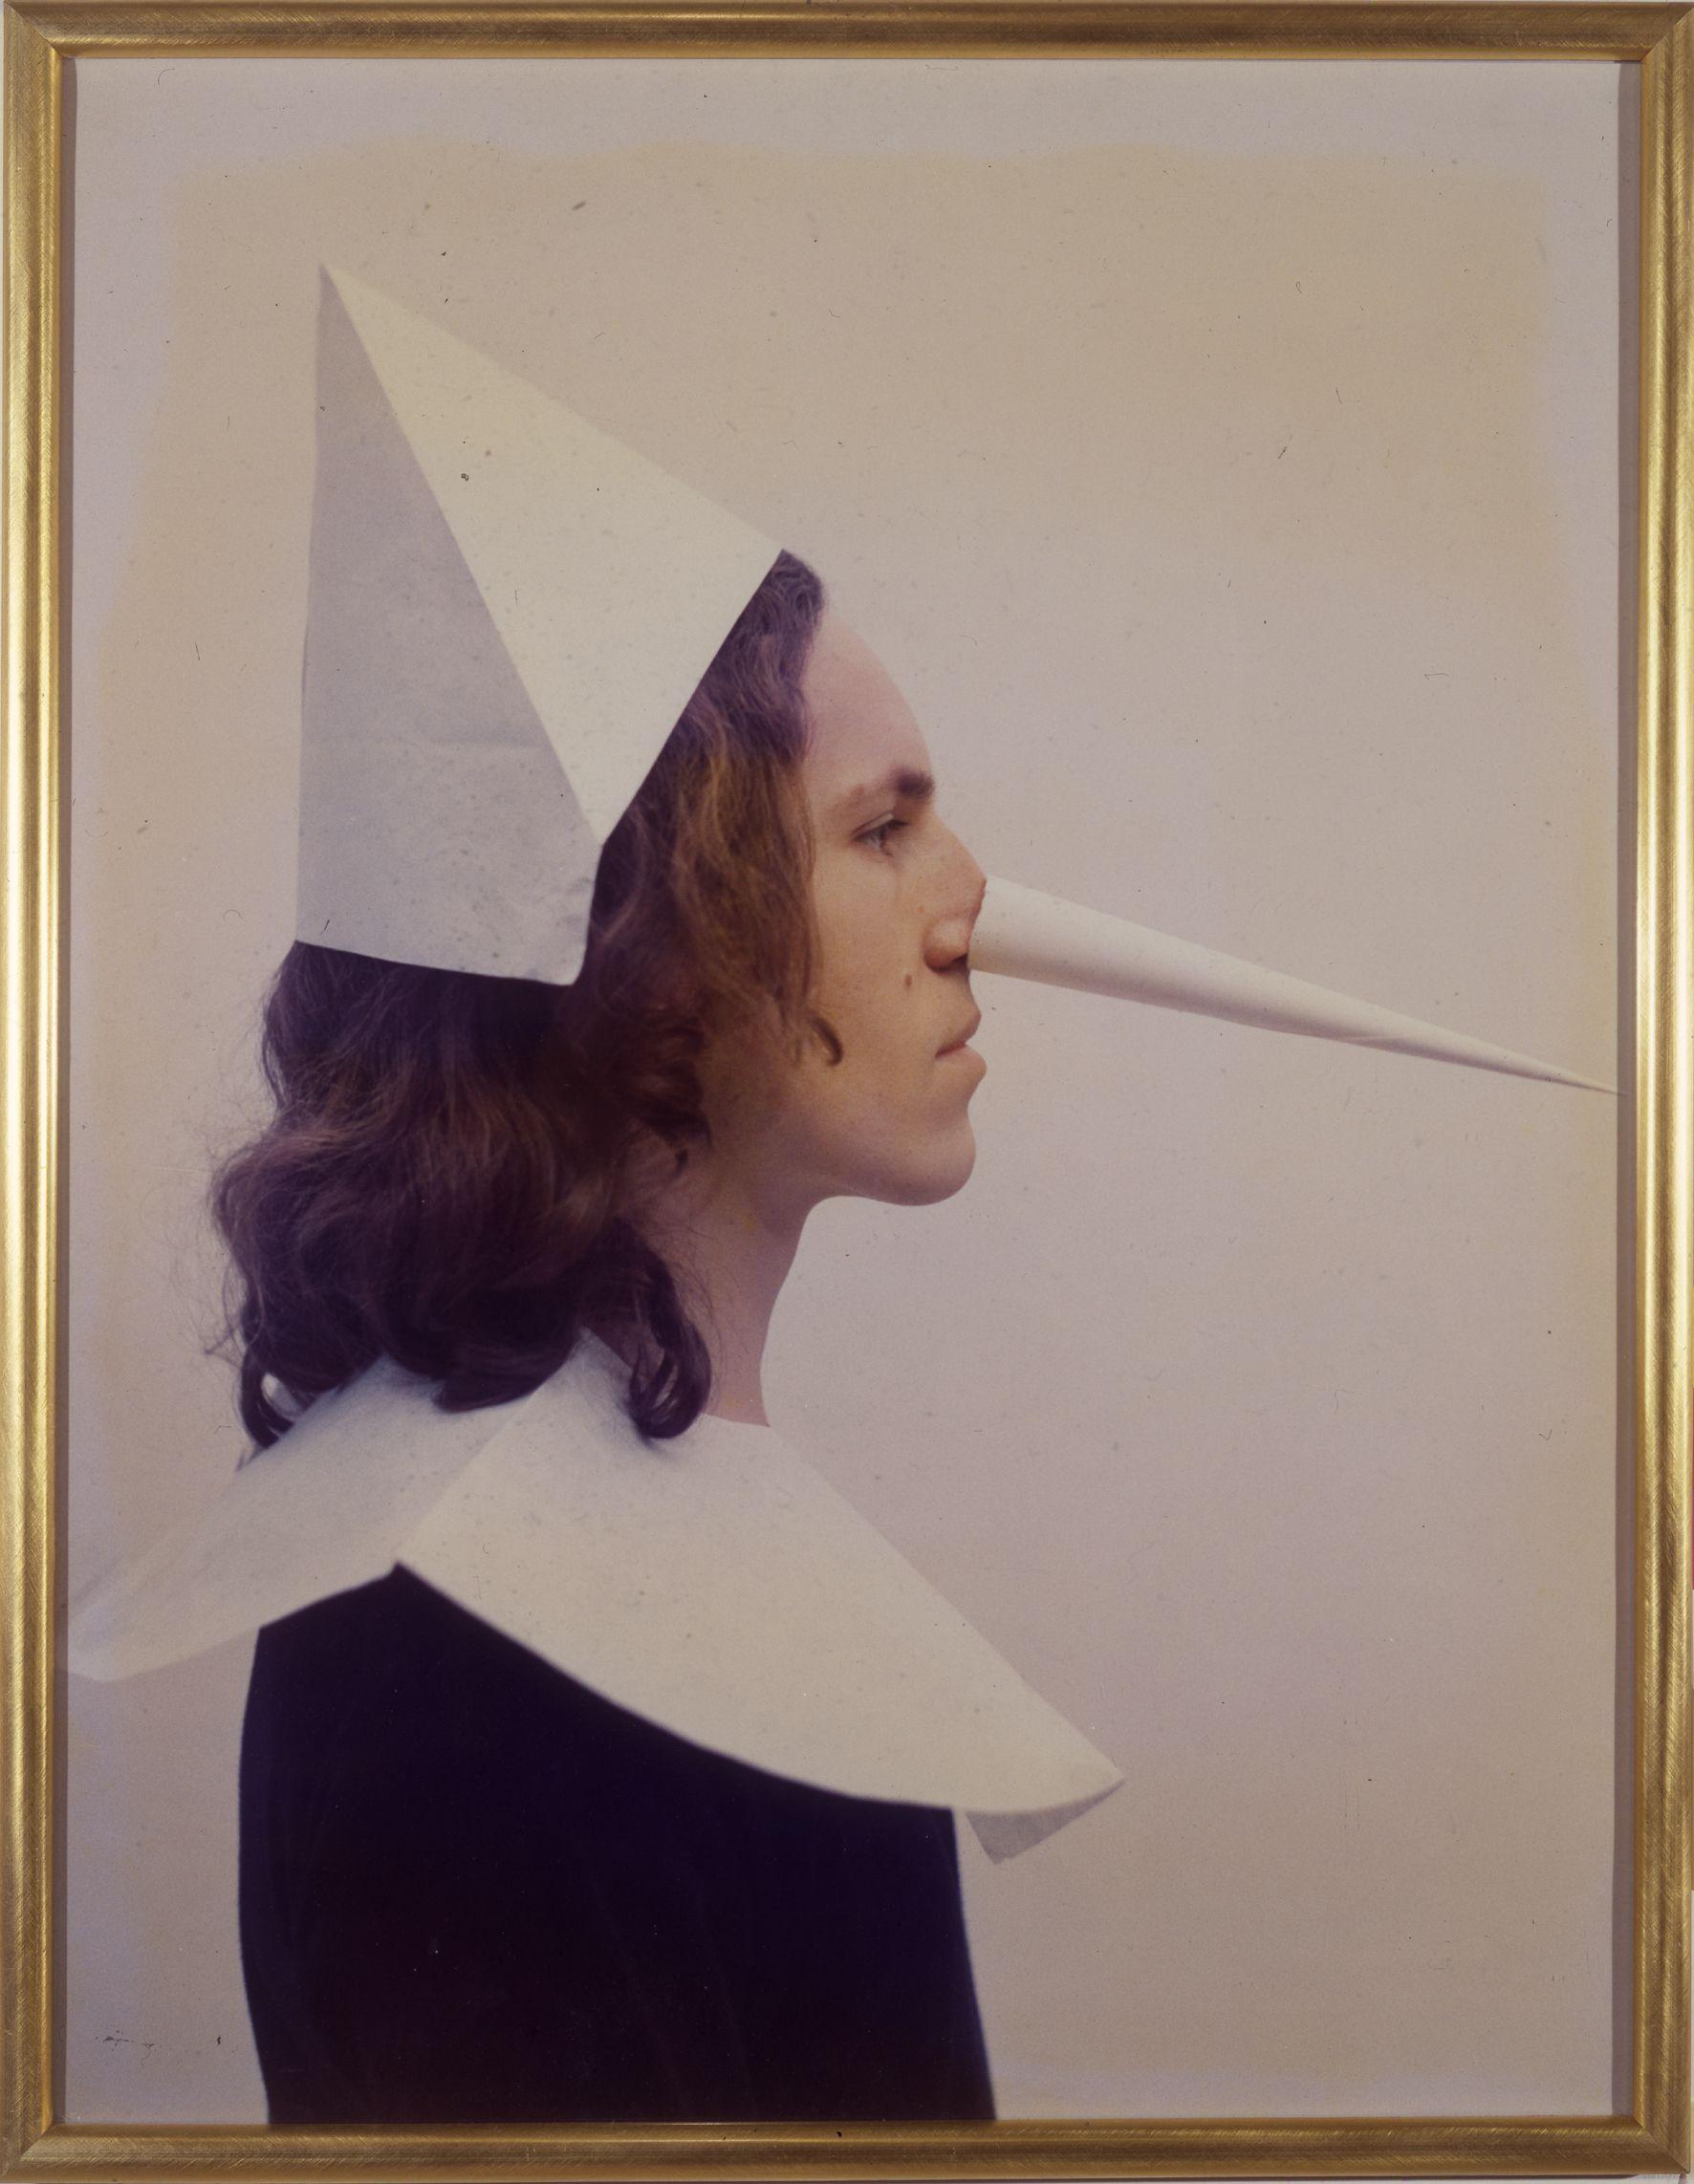 Luigi Ontani Pinocchio (1972). ©Luigi Ontani